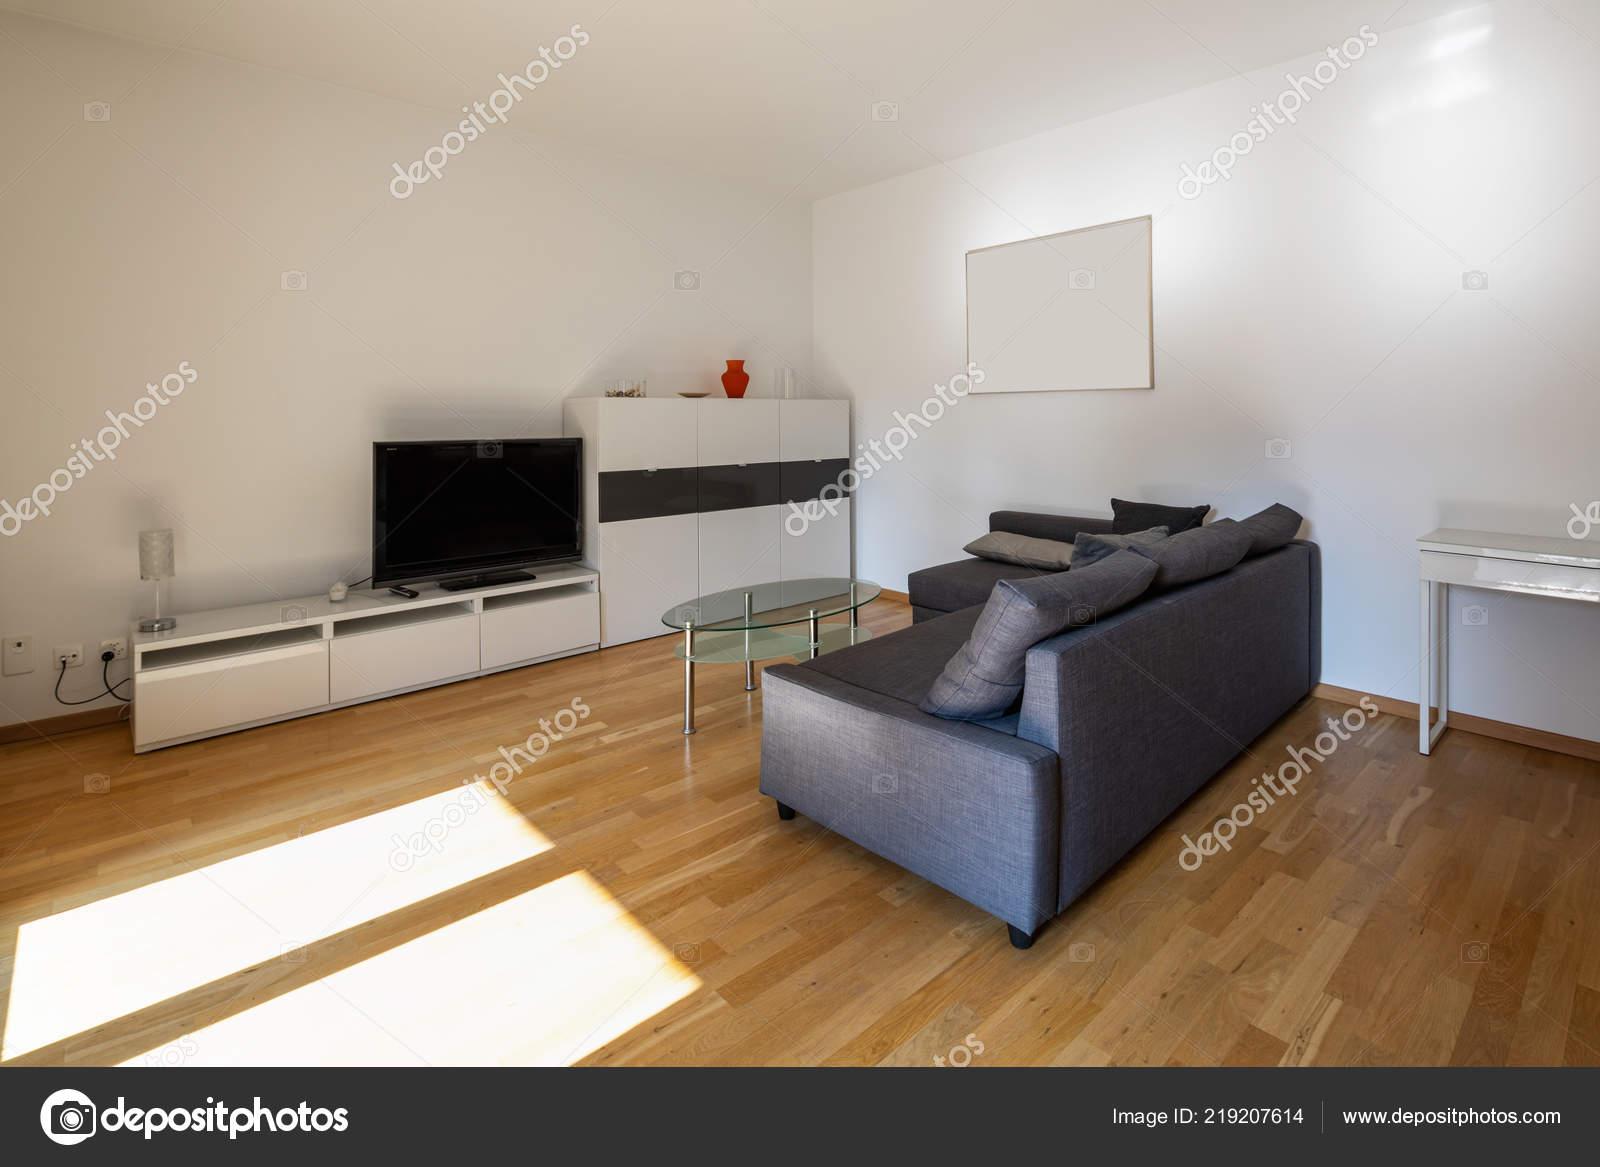 Charmant Salon Moderne Avec Parquet Canapé Sombre Personne Intérieur U2014 Photo